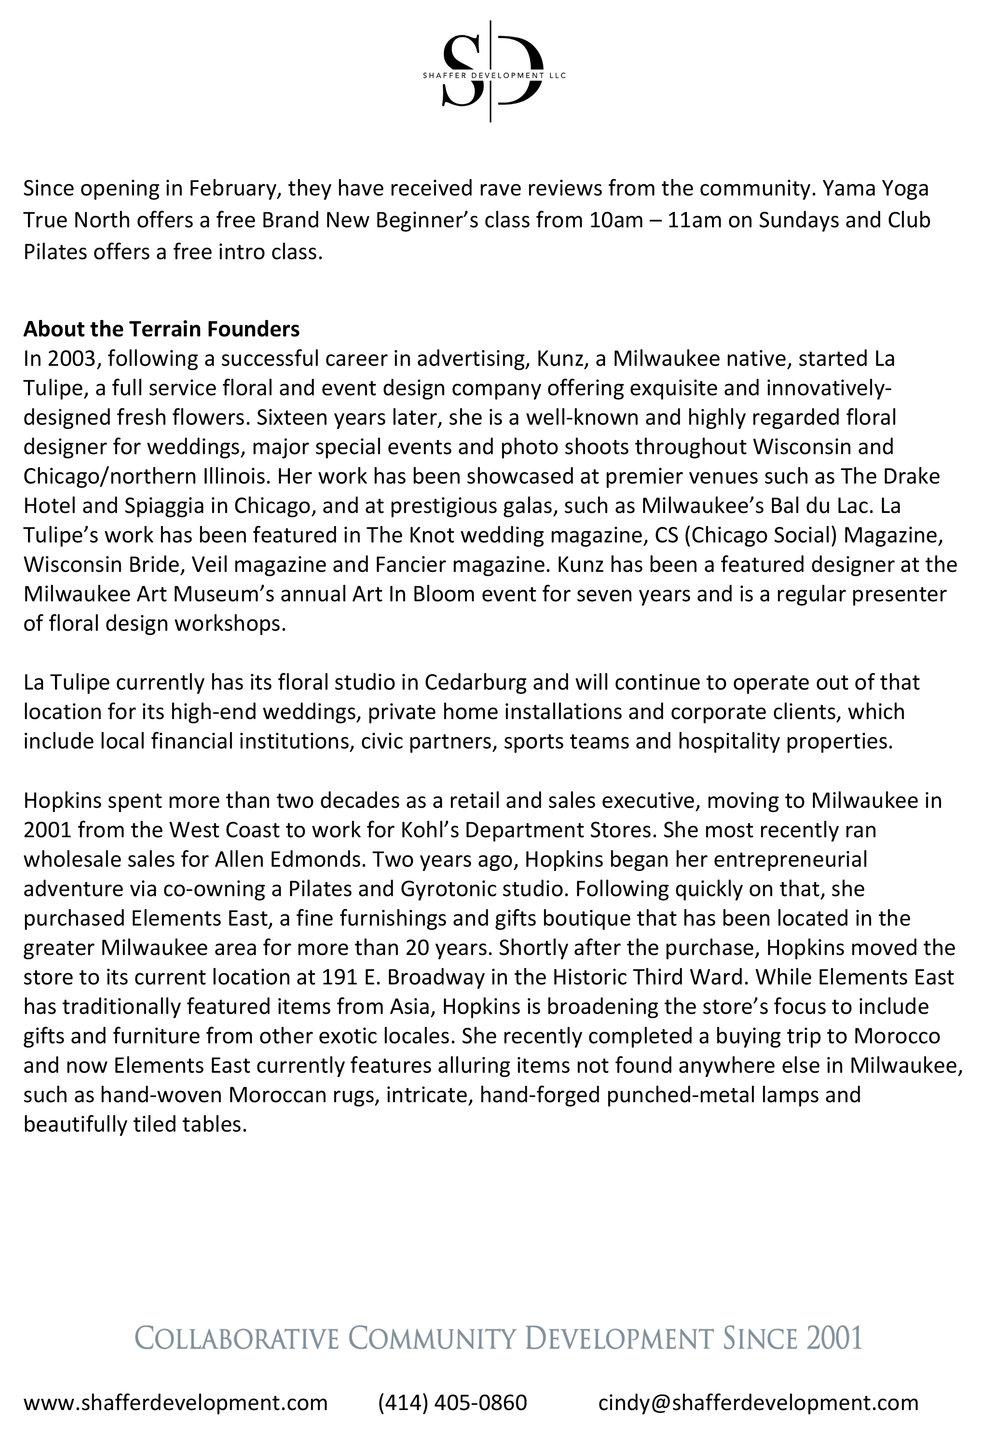 Terrain Press Release 3.jpg